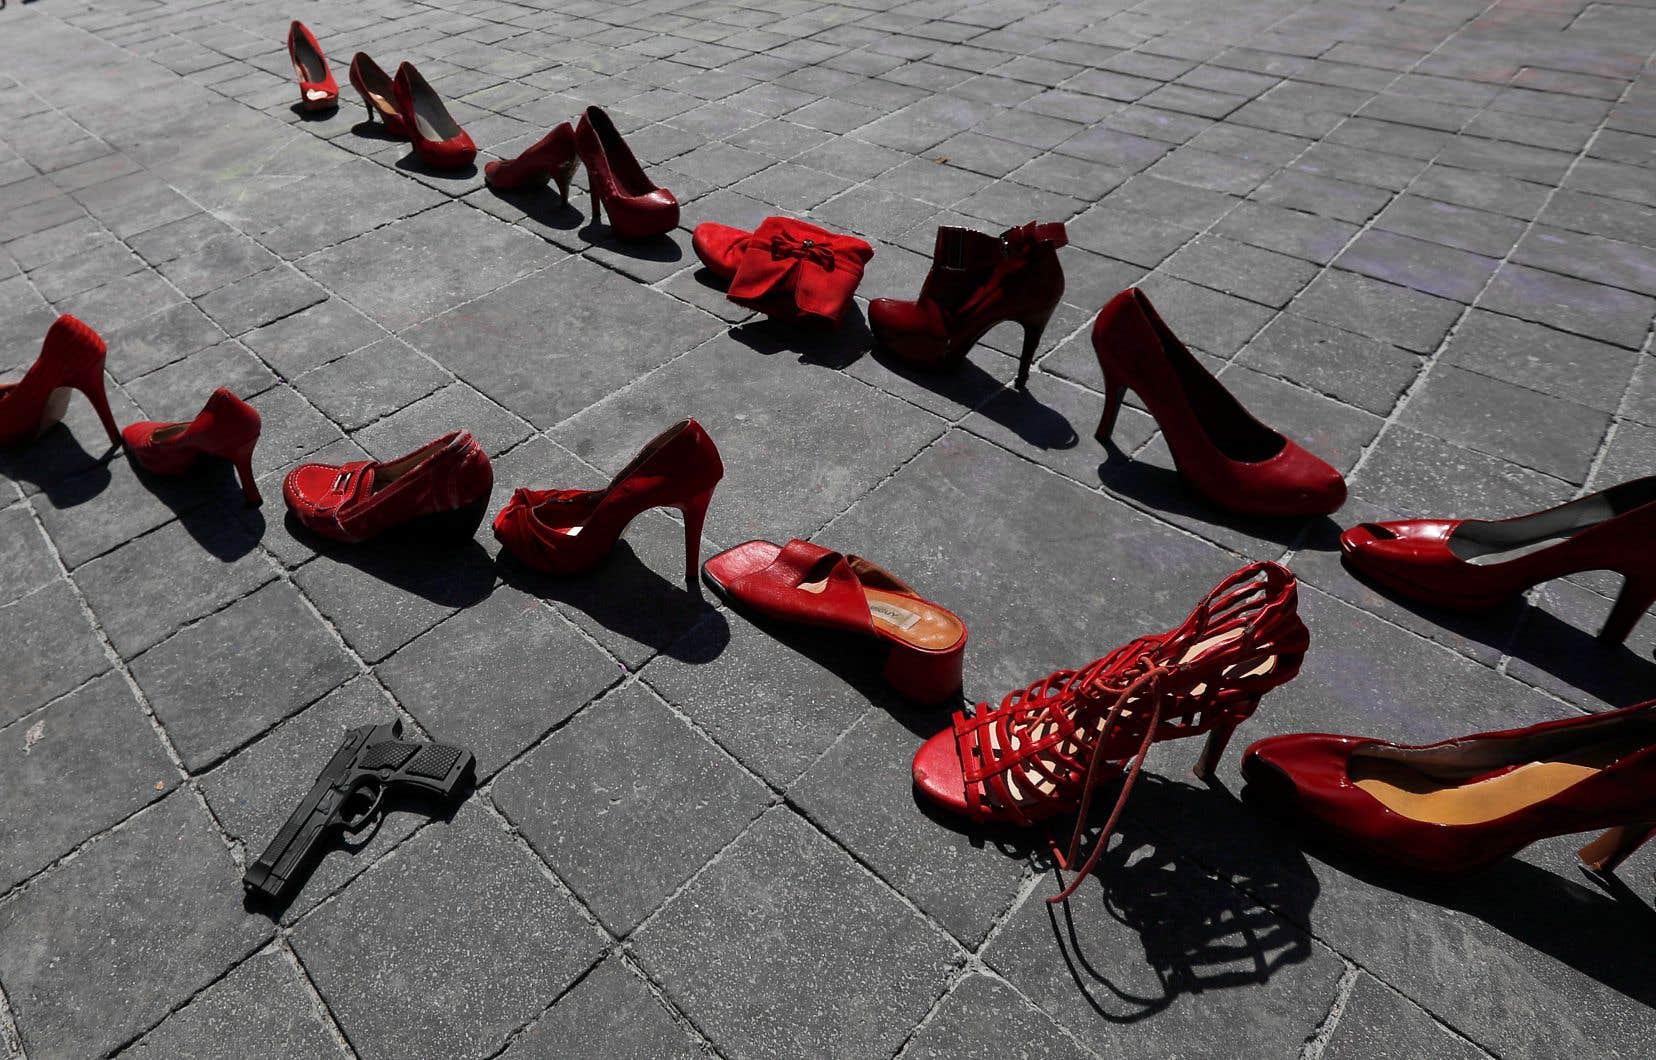 Un pistolet jouet a été placé entre des rangées de souliers de femmes sur une place publique du centre-ville de Mexico, une installation pour dénoncer la violence faite aux femmes. Le pays a recensé 1006 féminicides en 2019, selon des chiffres officiels qui, selon des experts, pourraient être les plus élevés.